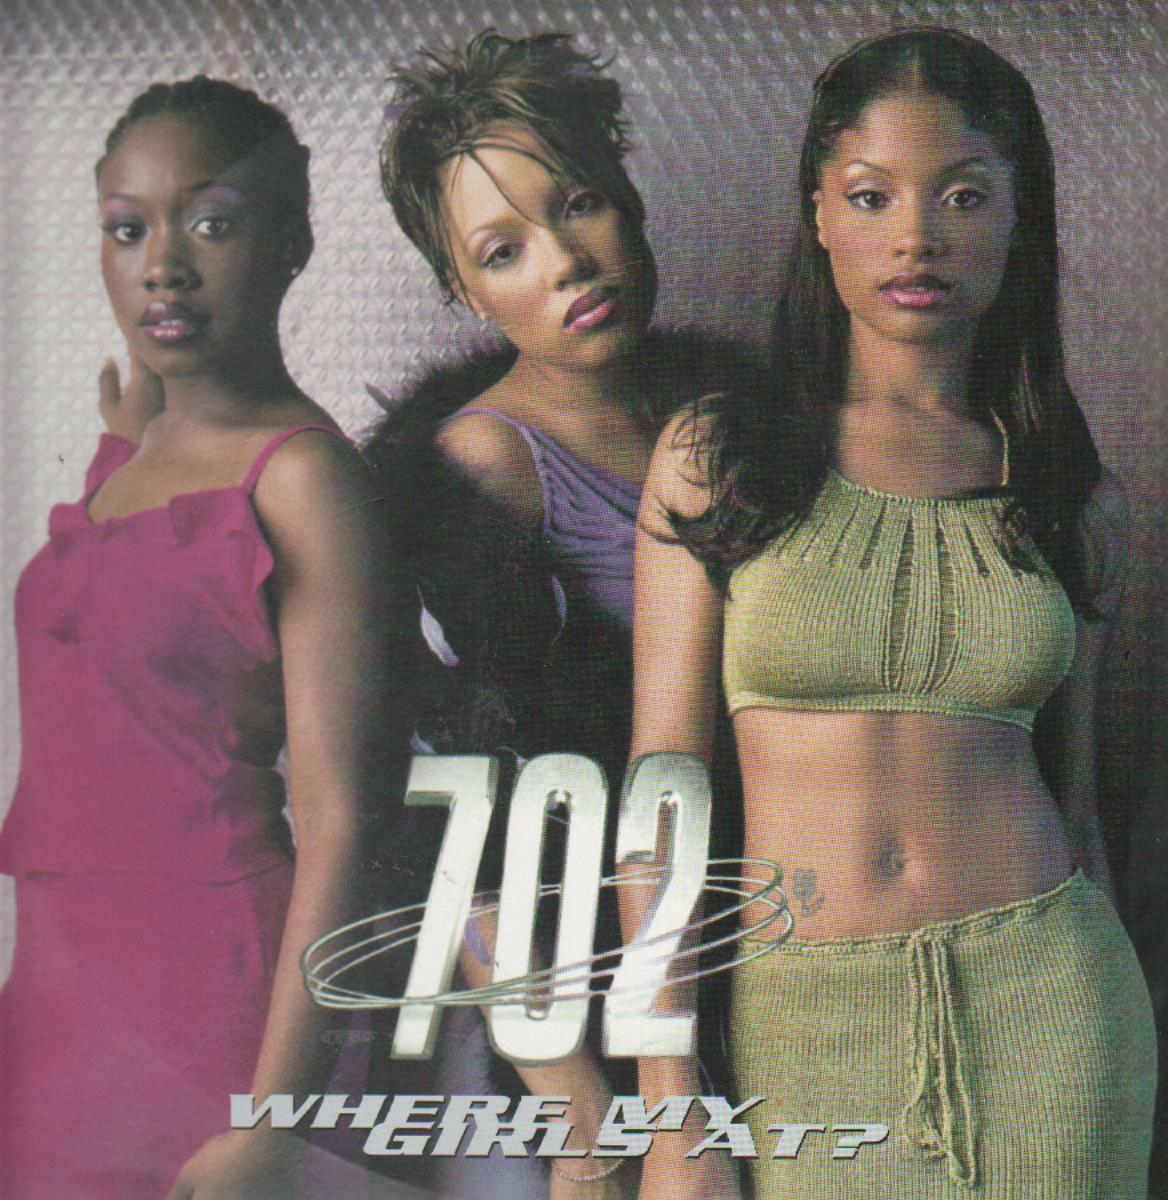 Những bản hit để đời của các nhóm nhạc nữ thập niên 90 - 3